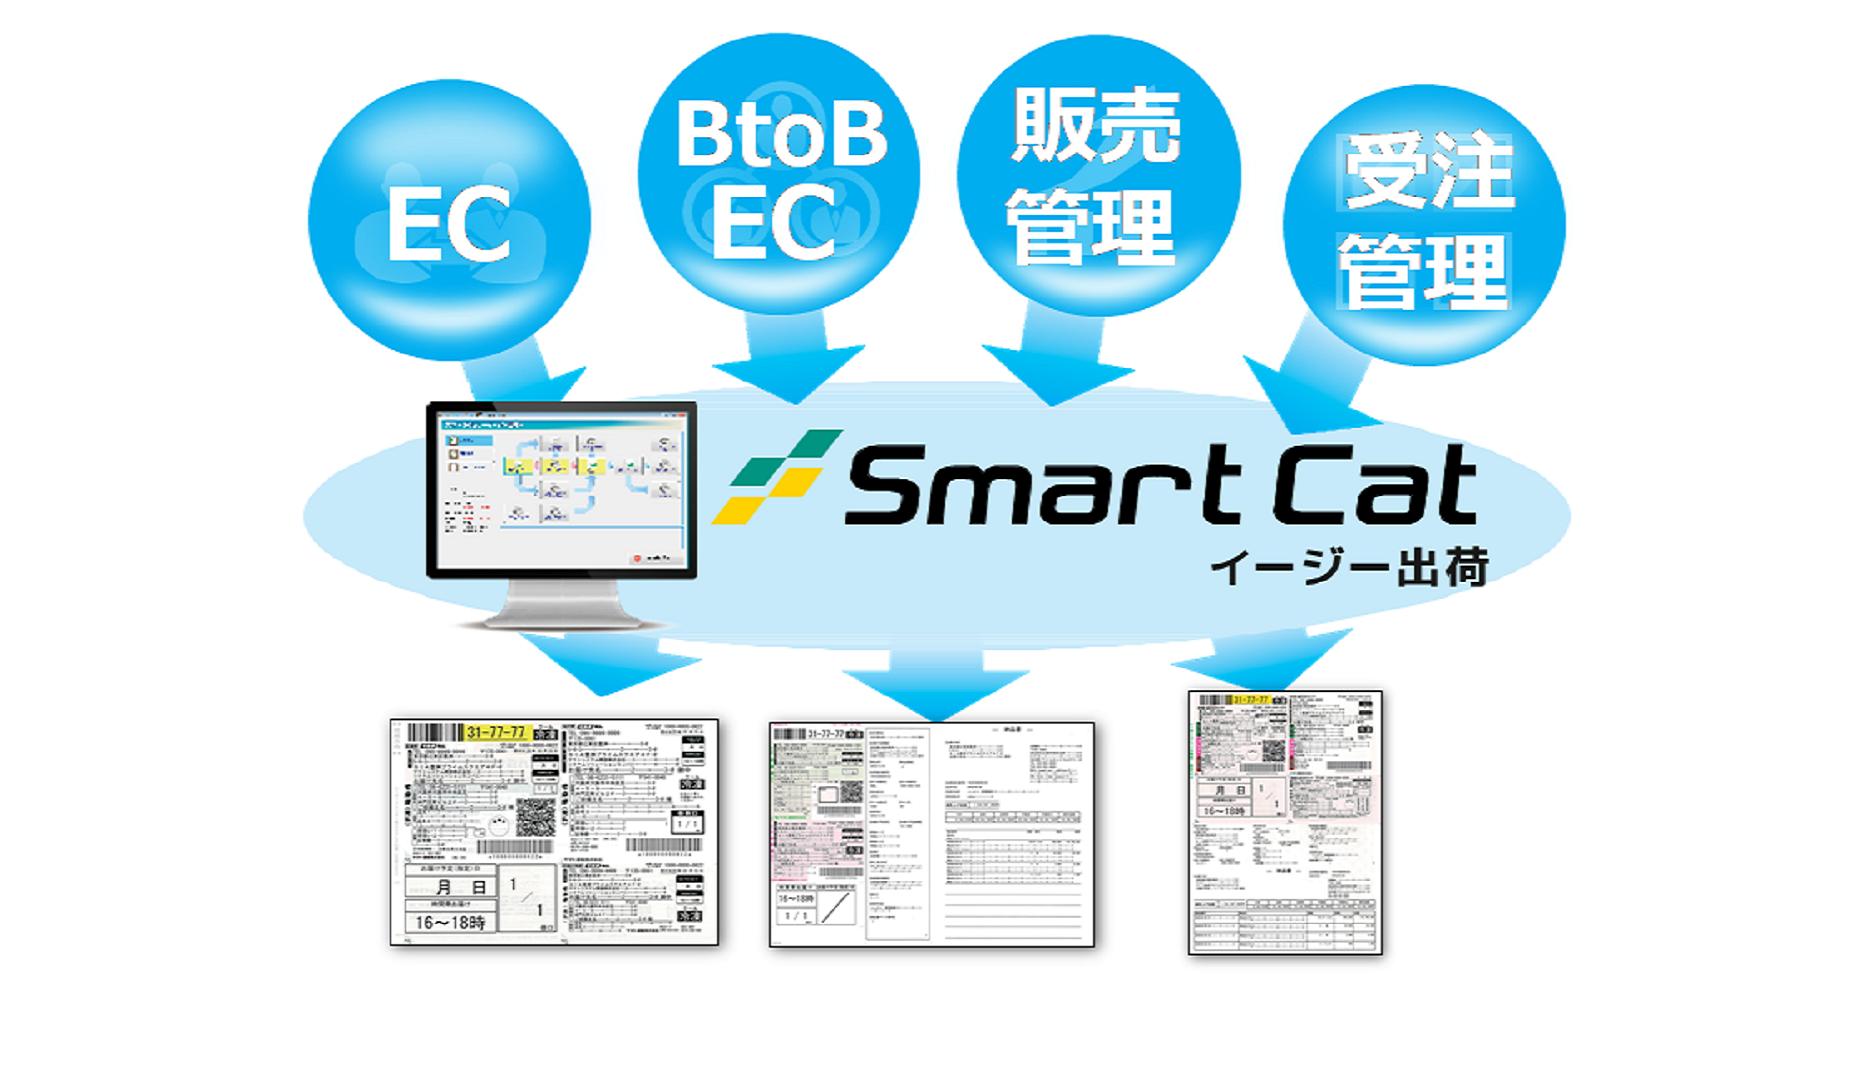 宅急便送り状発行業務支援システム「スマートCat(イージー出荷)」